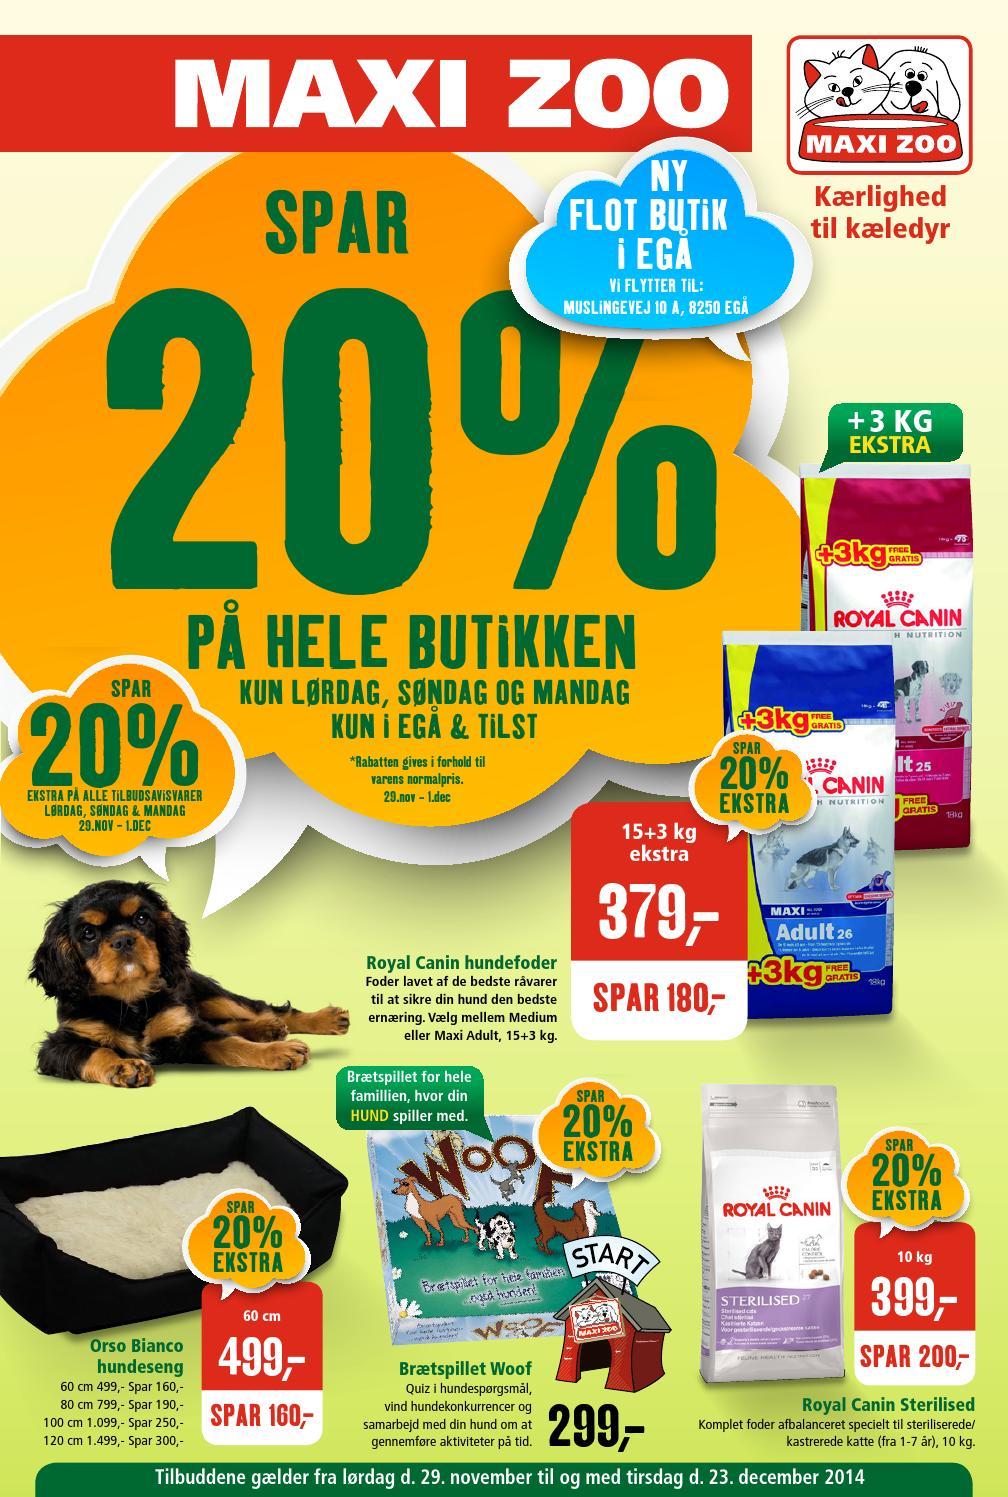 Maxizoo Tilbudsavis Uge 49 Ega Og Tilst By Maxi Zoo Danmark A S Issuu